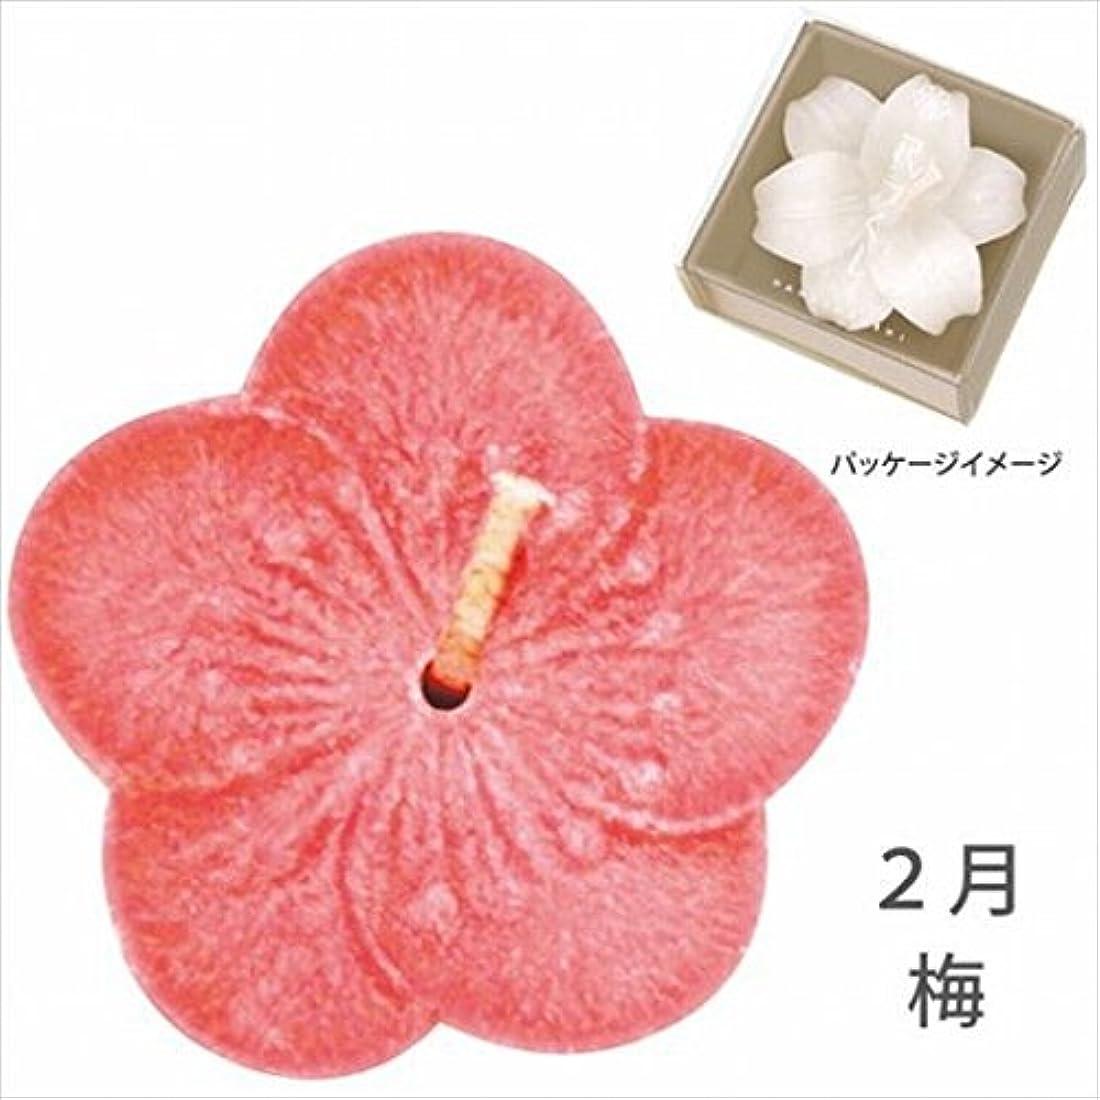 乗り出す隠エスカレーターカメヤマキャンドル( kameyama candle ) 花づくし(植物性) 梅 「 梅(2月) 」 キャンドル